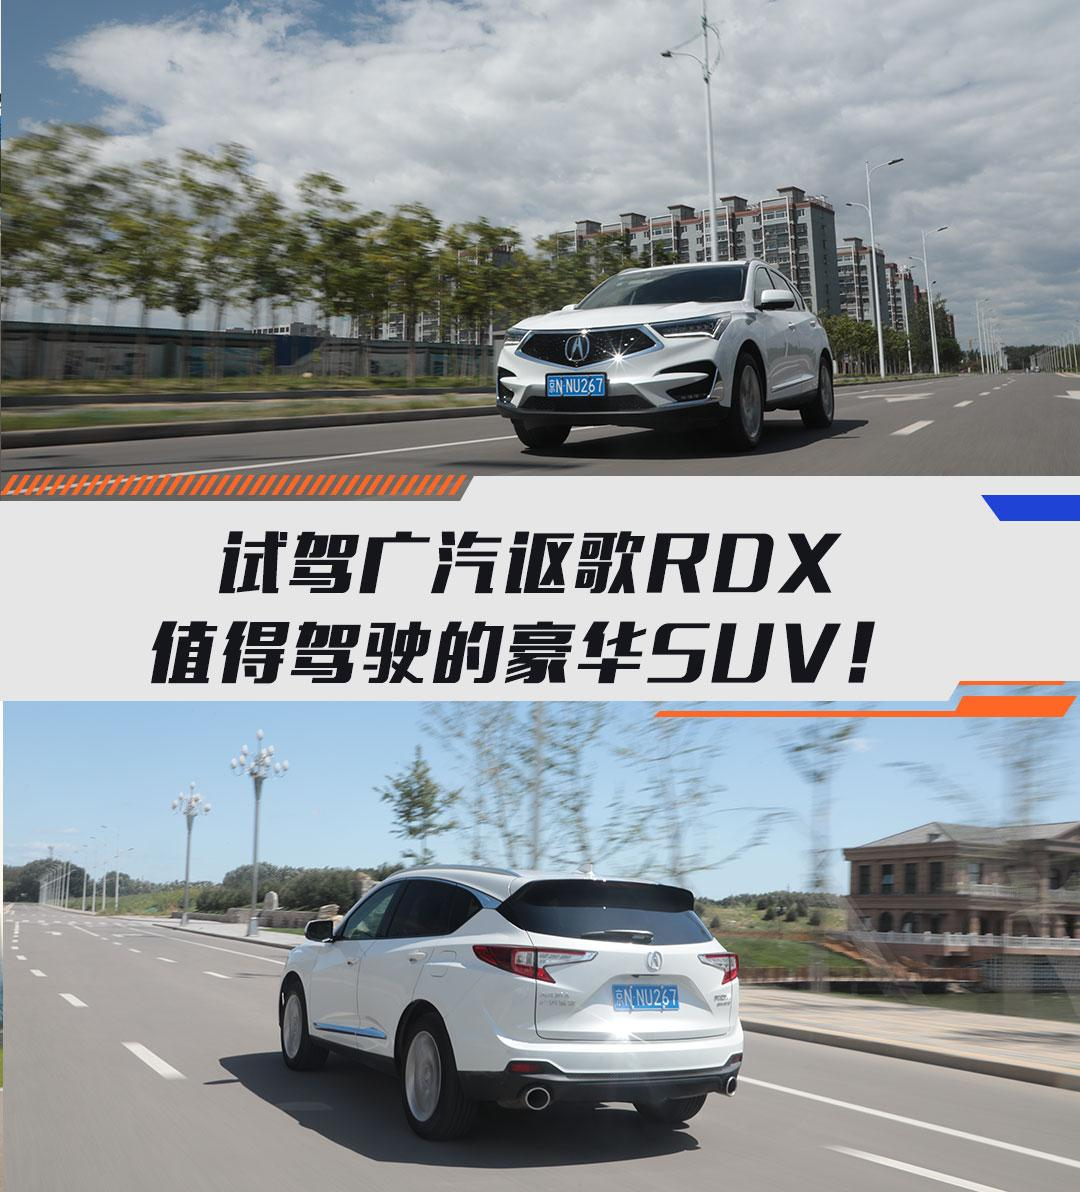 试驾广汽讴歌RDX!值得驾驶的中型豪华SUV!